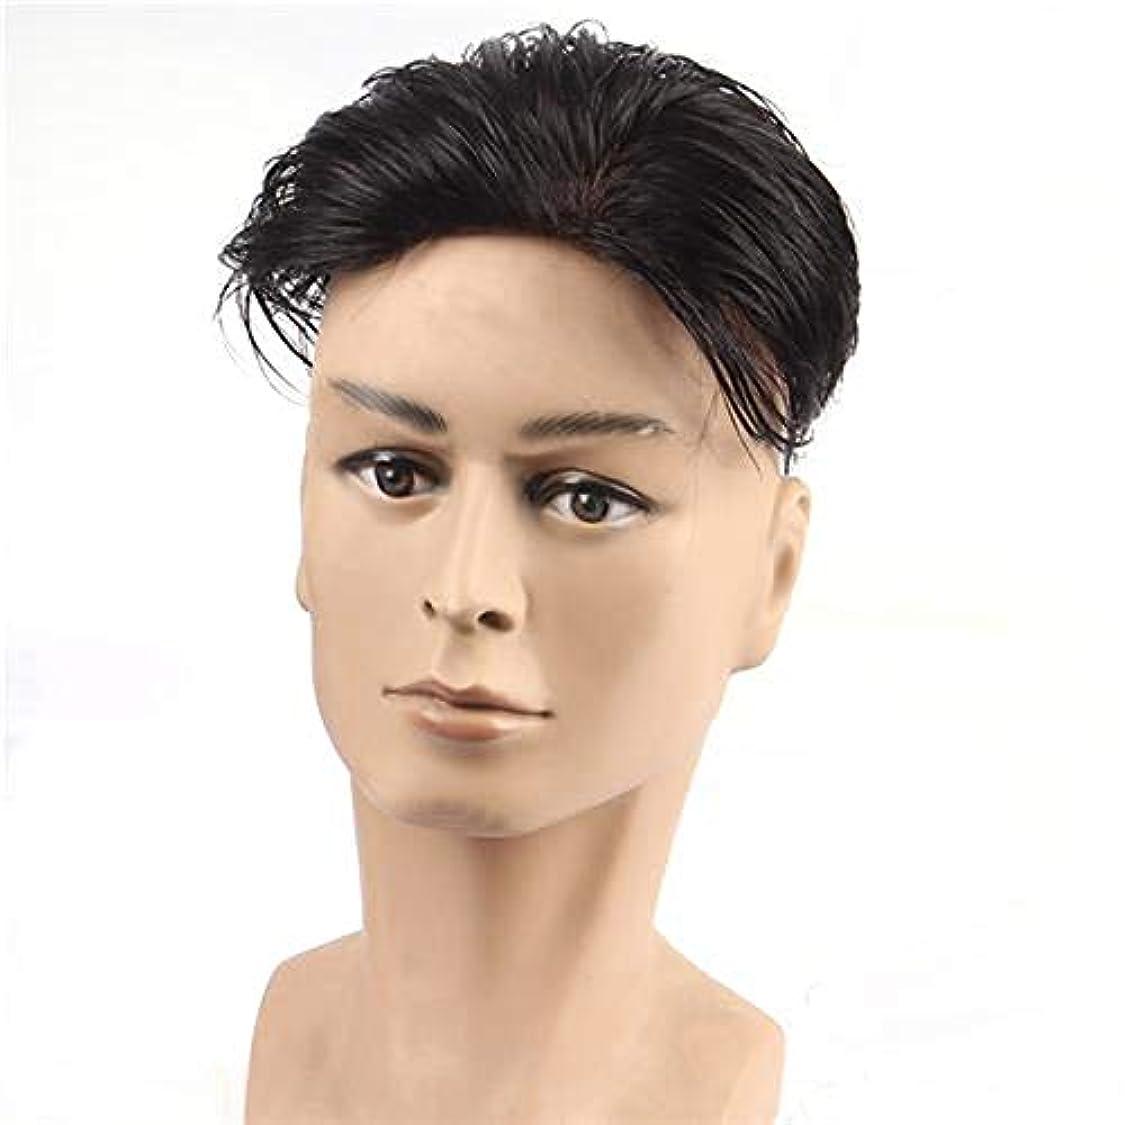 太平洋諸島香水修理工YOUQIU 黒人男性ガイショートレイヤーカーリー波状のアニメのコスプレパーティーの髪カツラウィッグ (色 : Natural black, サイズ : 18x20)